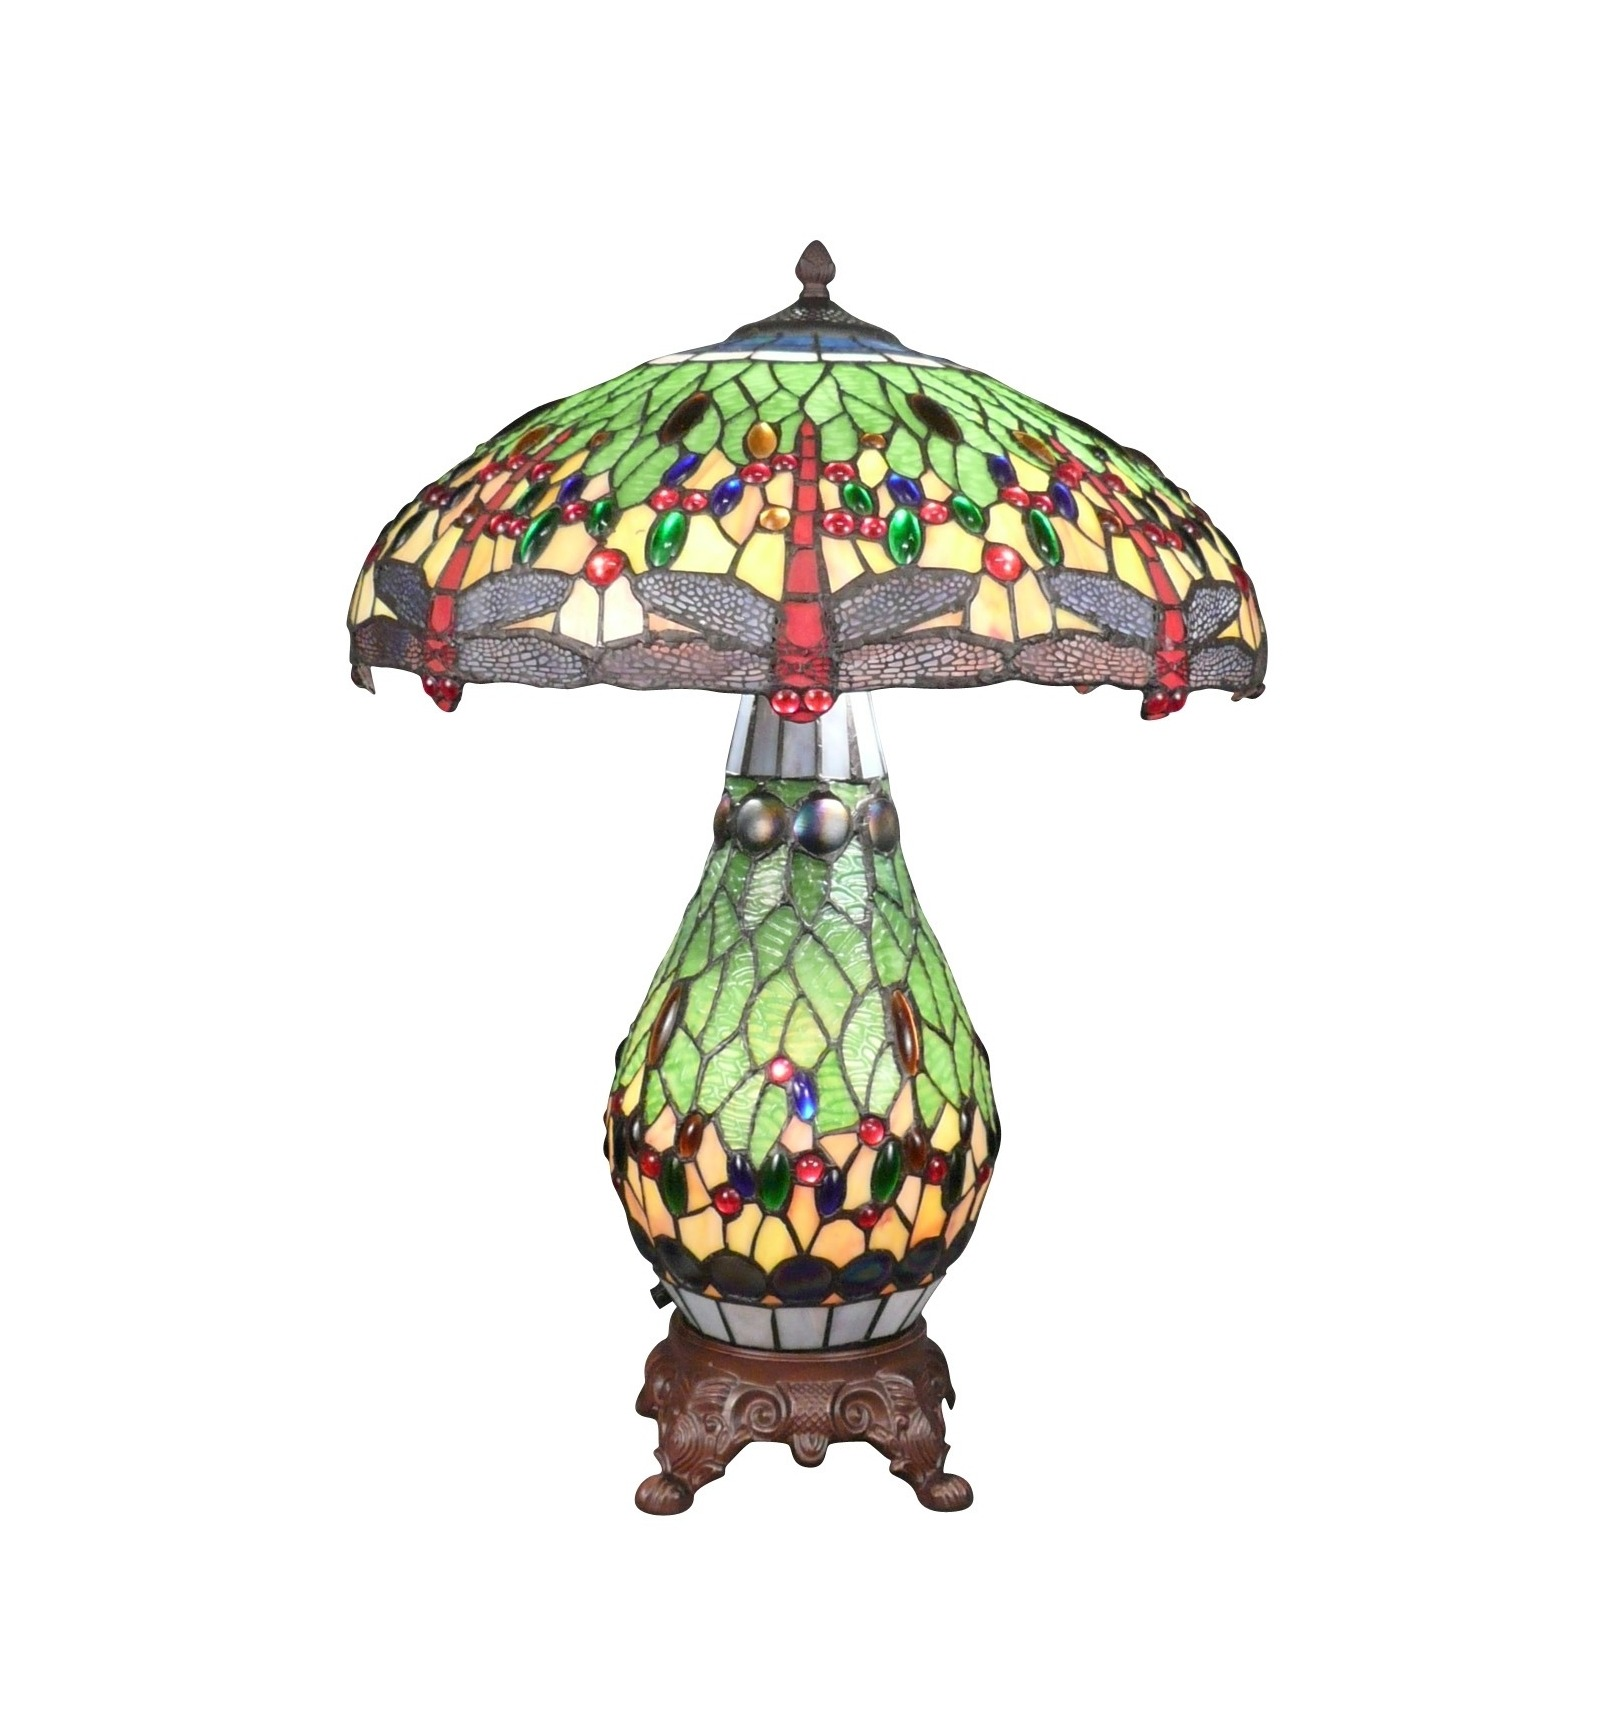 Dragonfly Tiffany lampy a4745448f3a